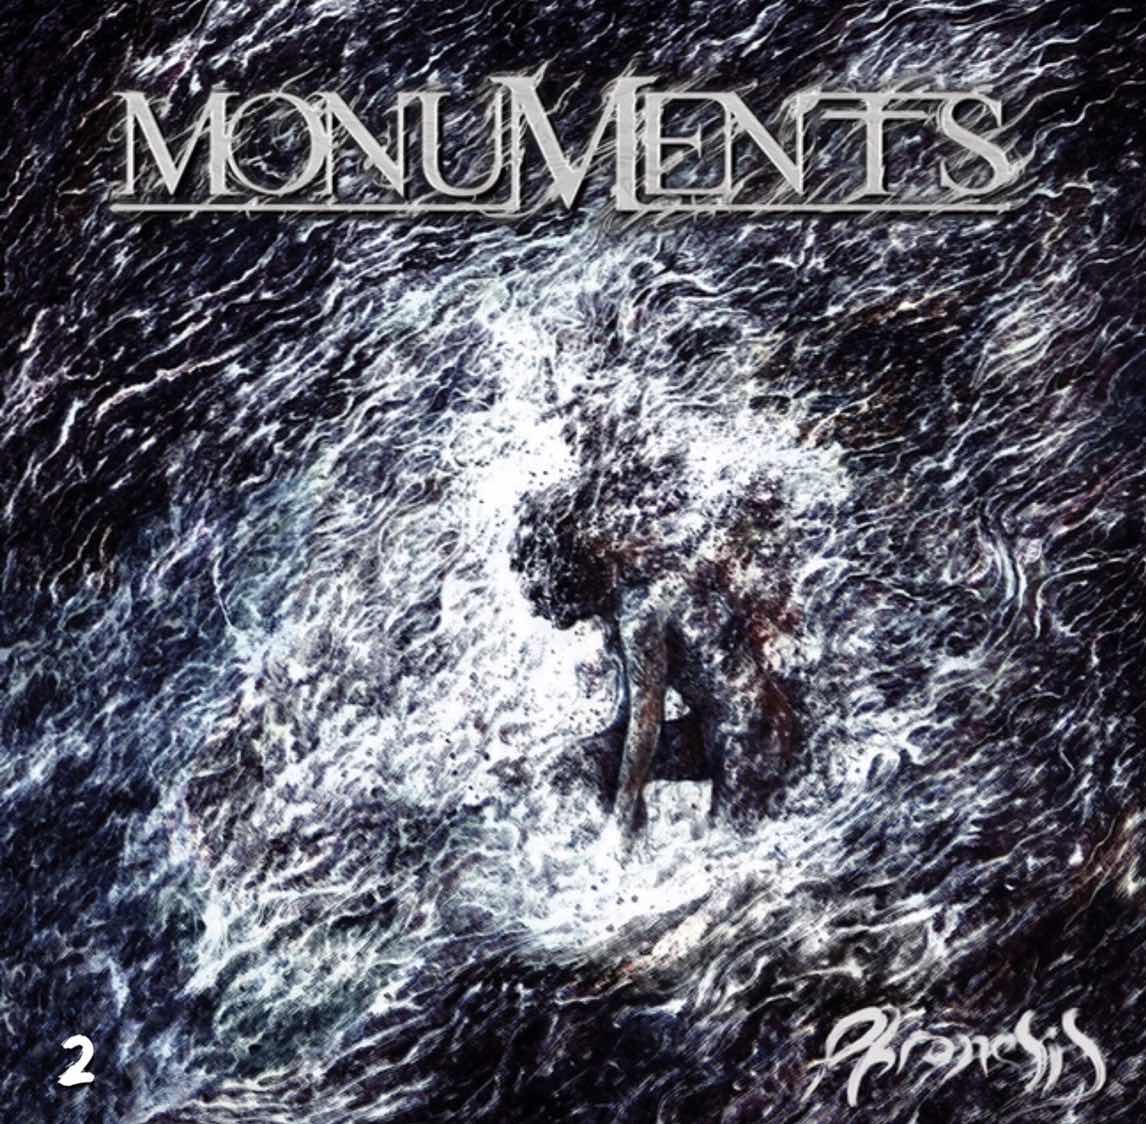 """Monuments """"Phronesis"""""""